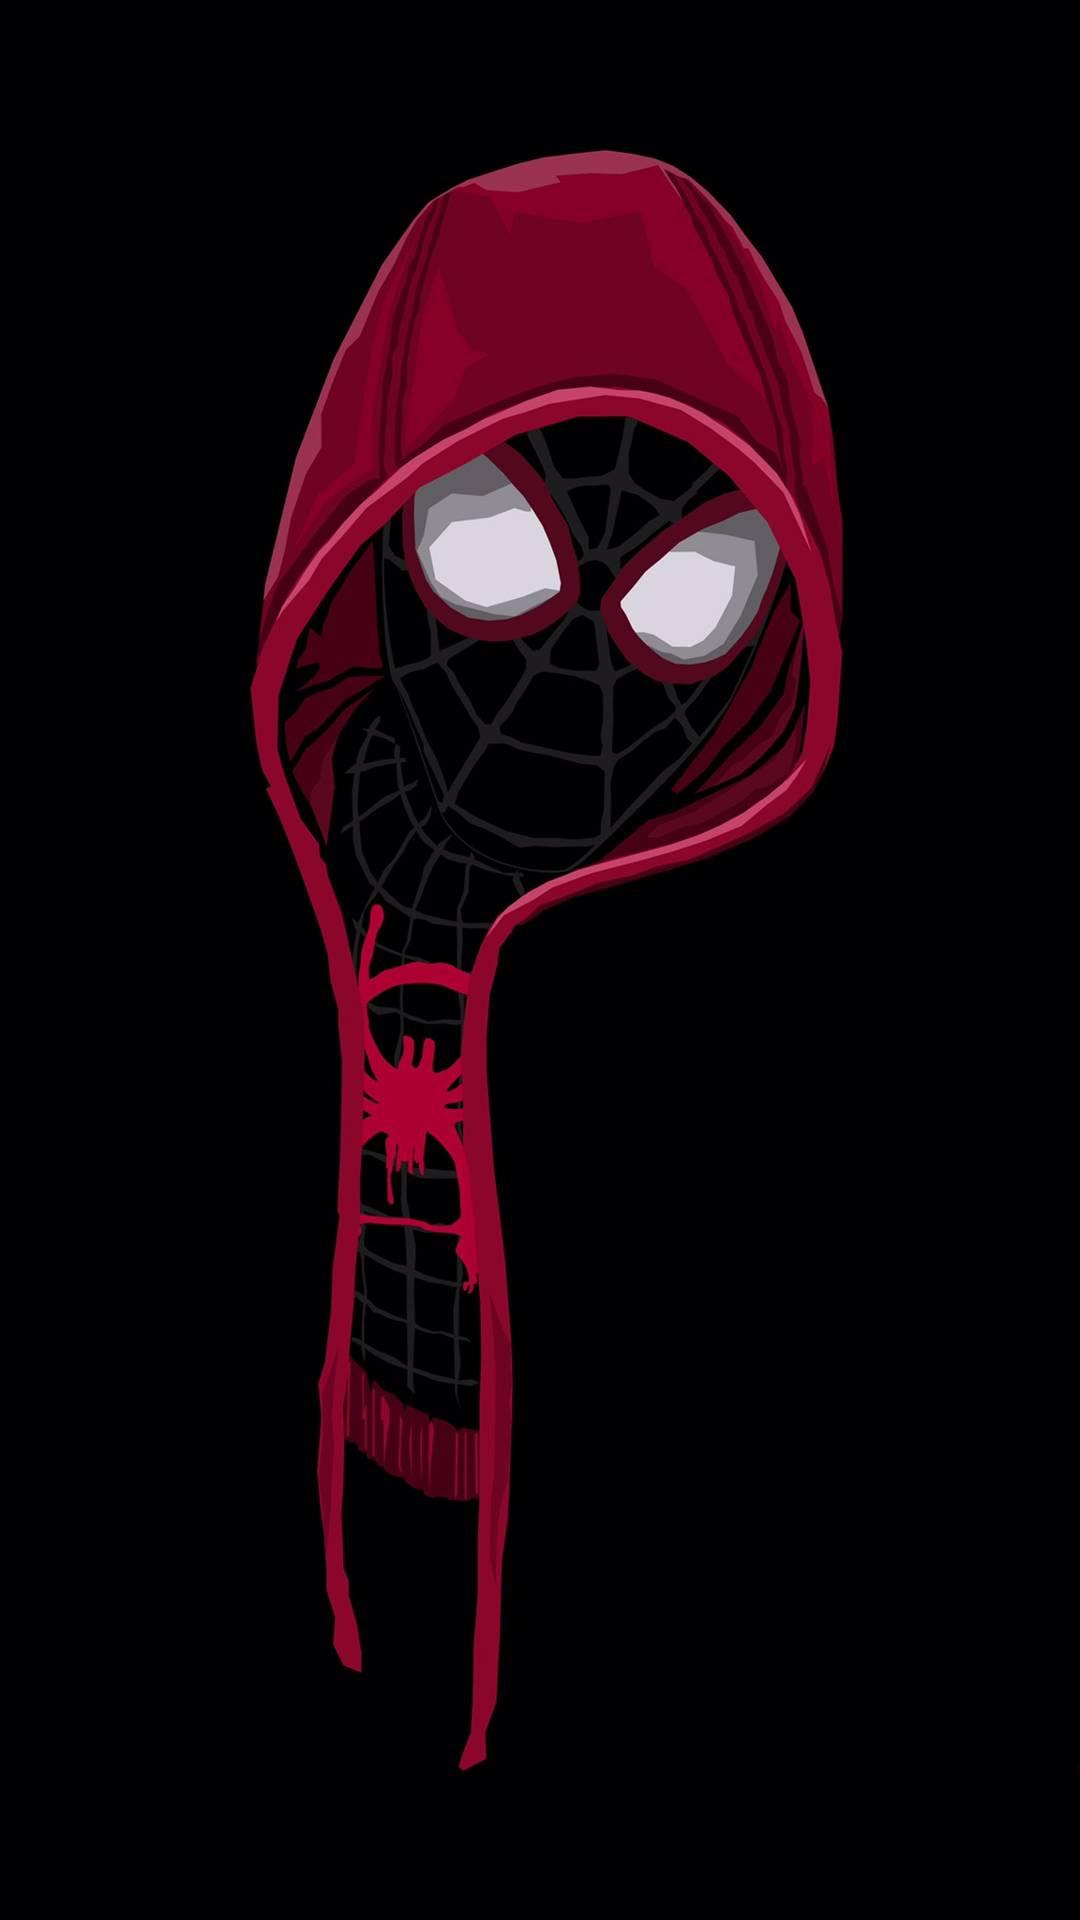 Black Spiderman Hoodie iPhone Wallpaper